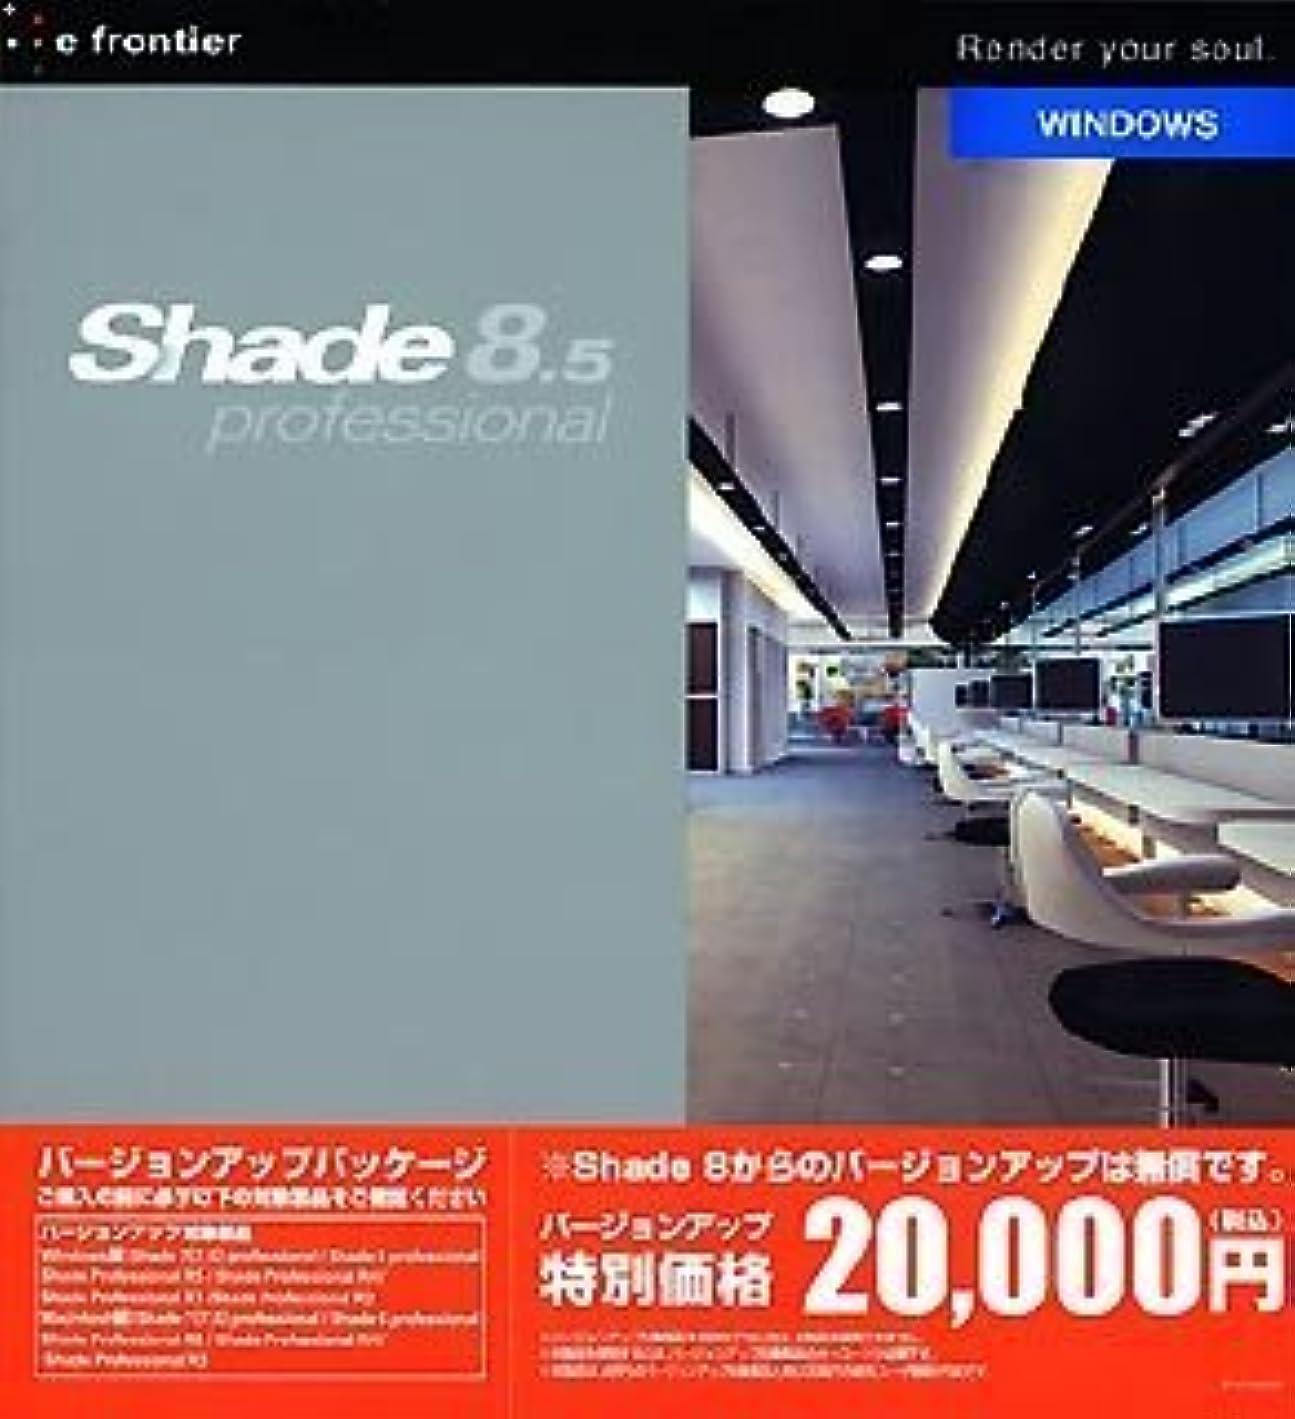 あごひげエスニックバラ色Shade 8.5 professional for Windows バージョンアップ版